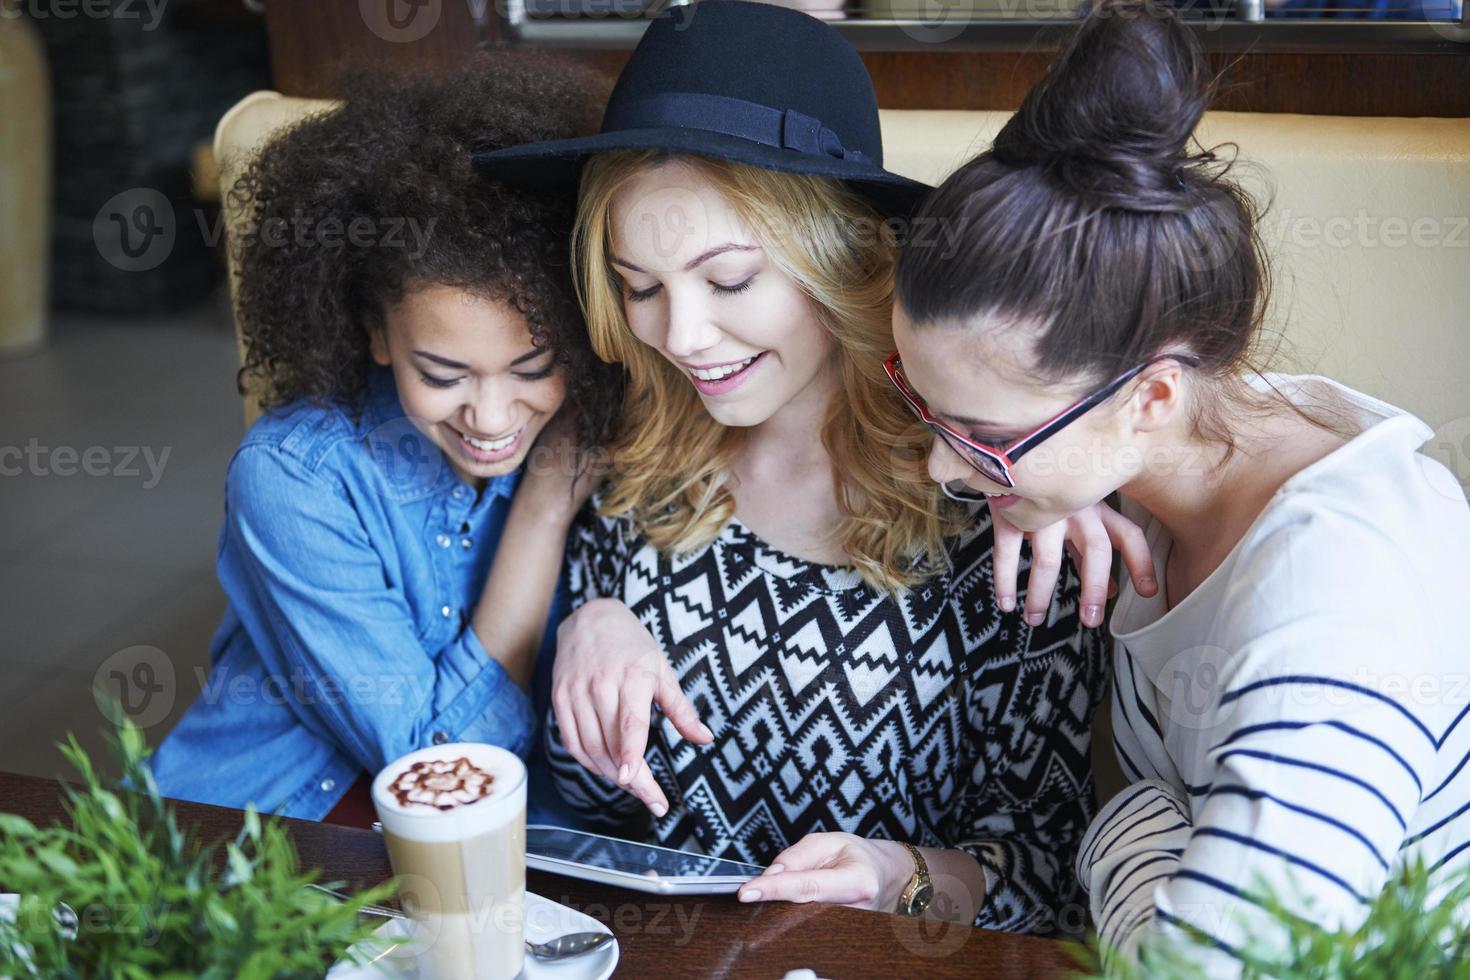 Kostenloses und schnelles Internet im Café foto